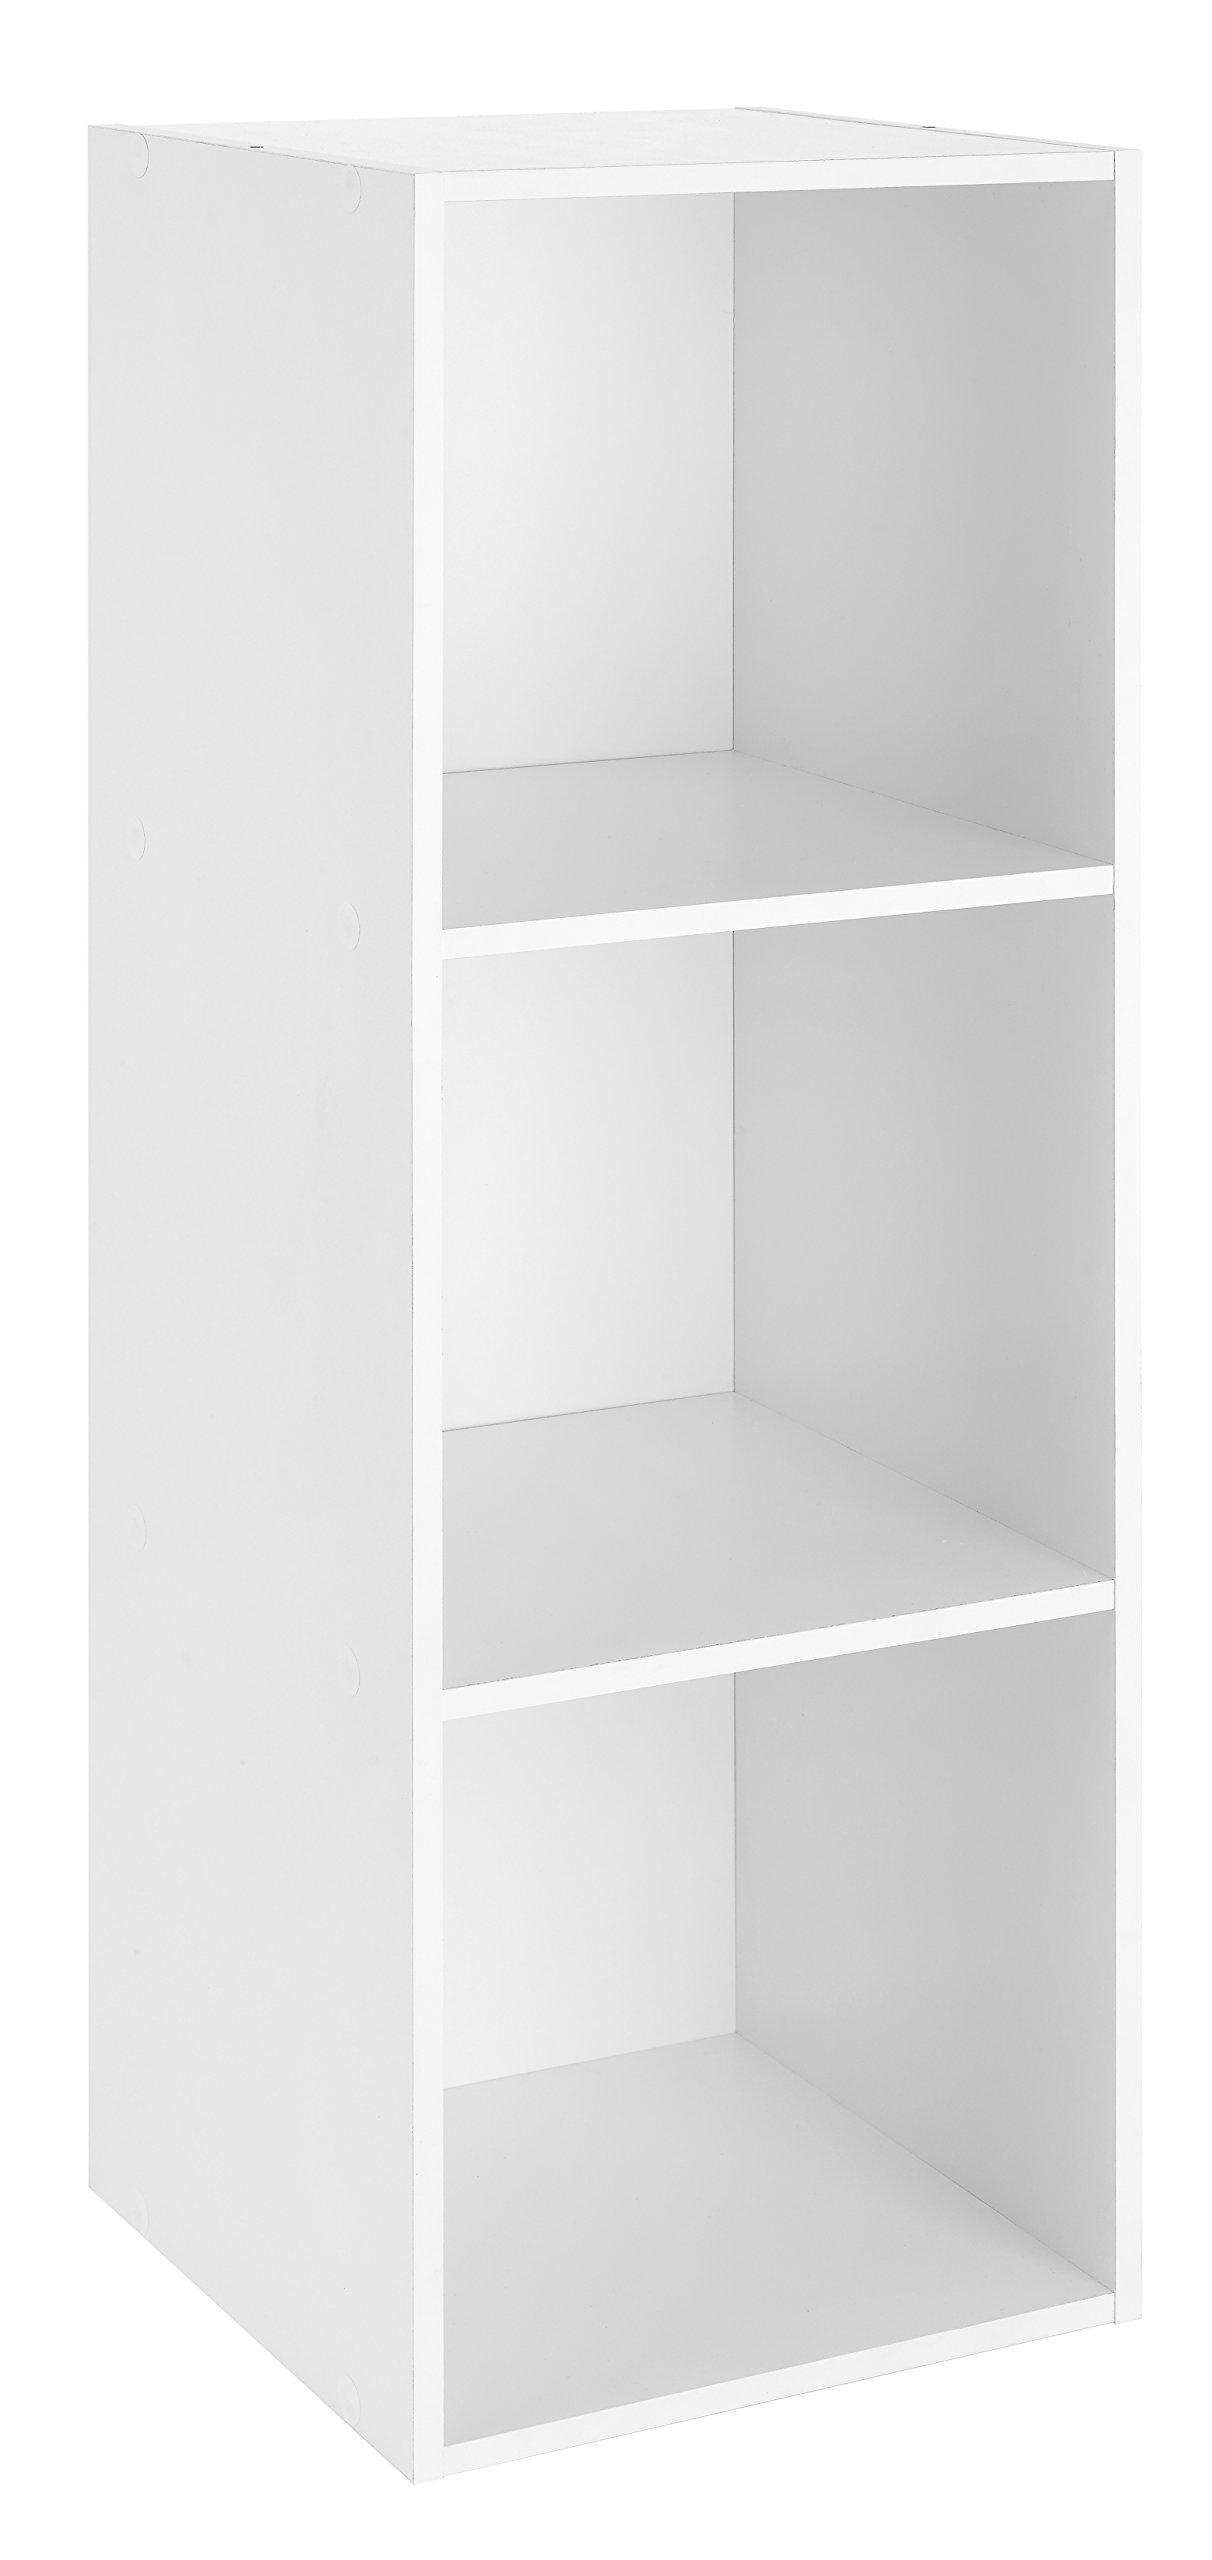 Whitmor 3 Cube Organizer, White by Whitmor